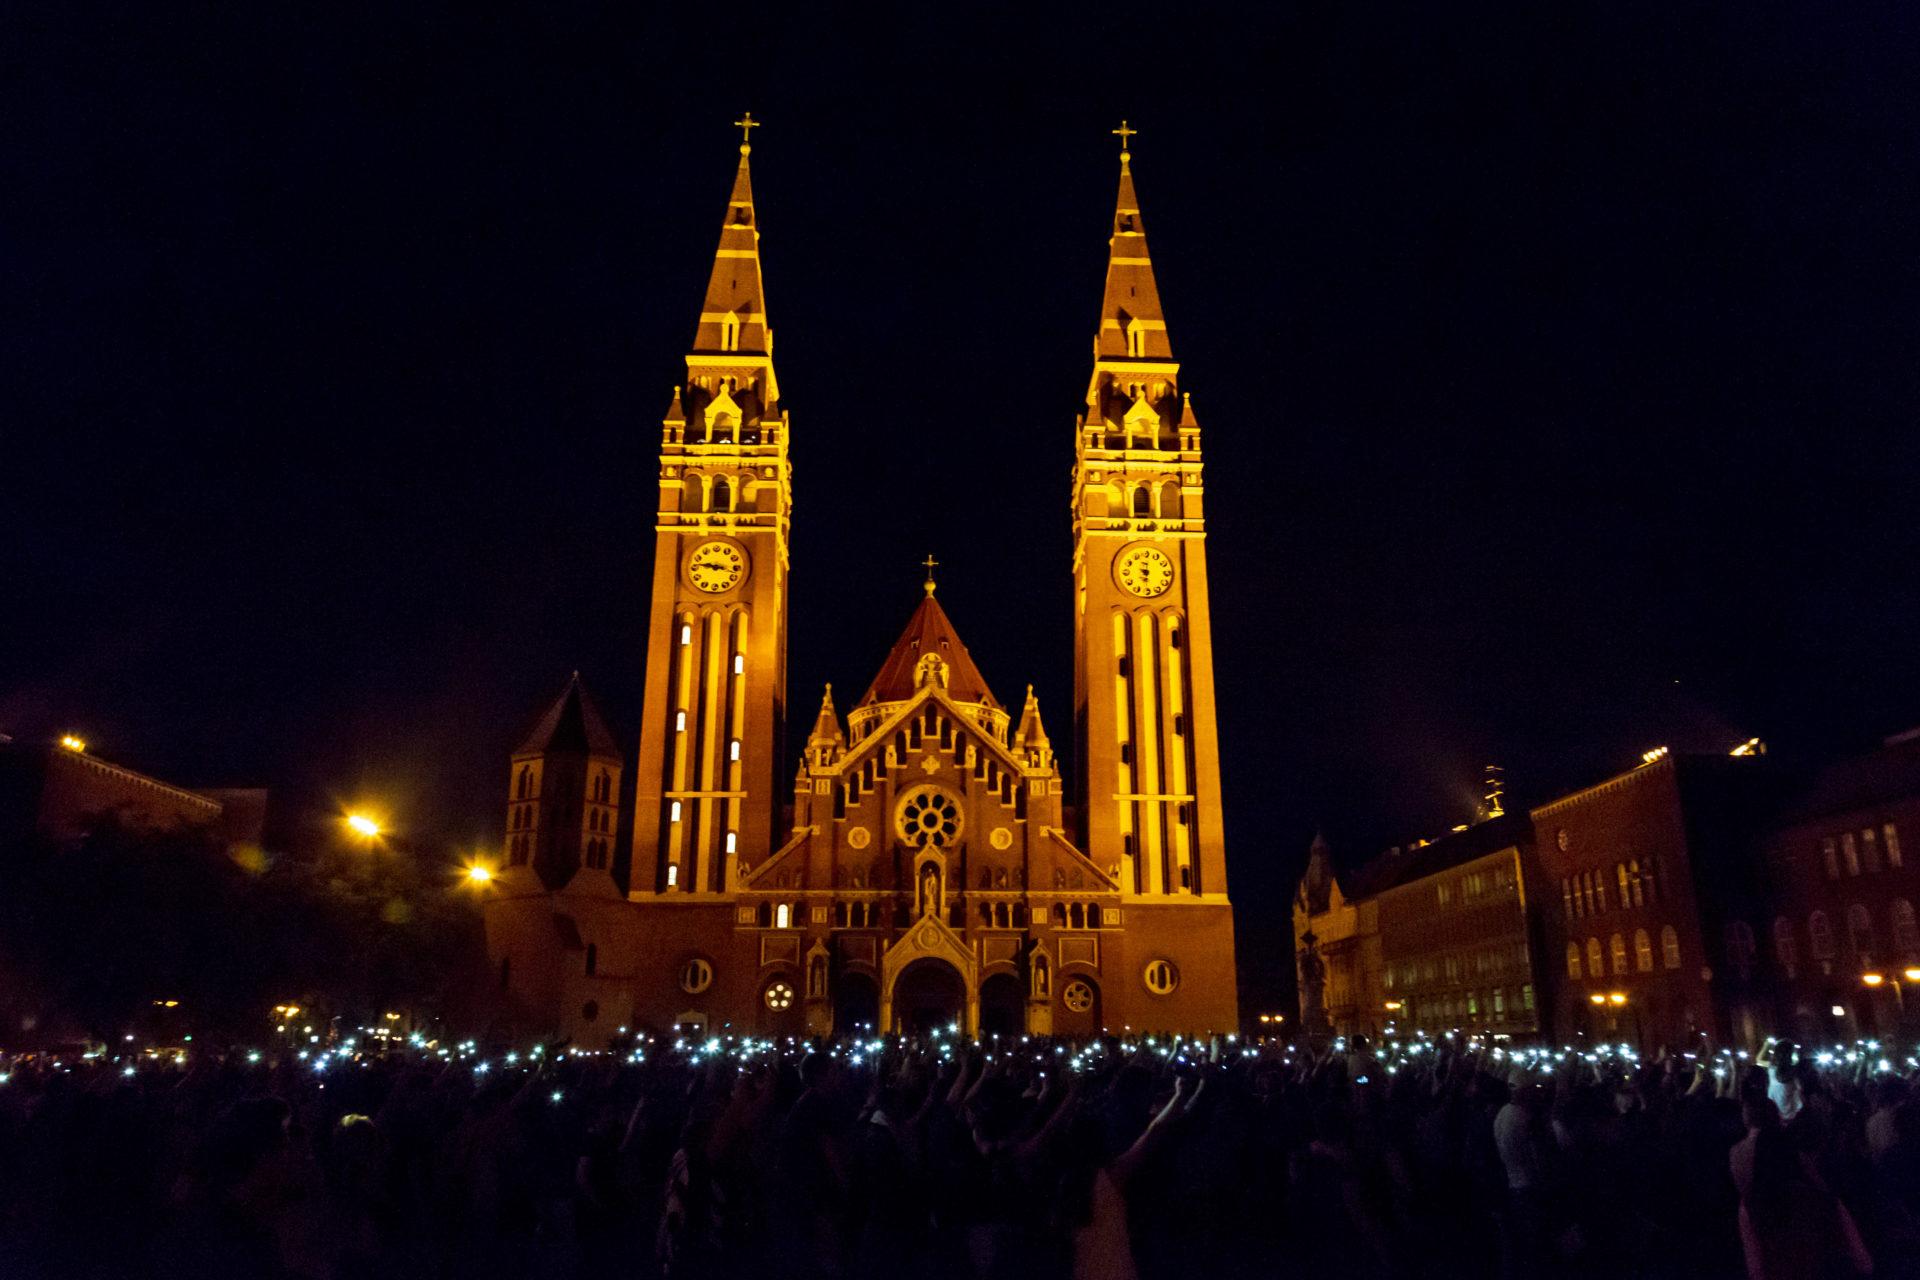 Amerikai blogger dícsérte egekig a Borfesztivált